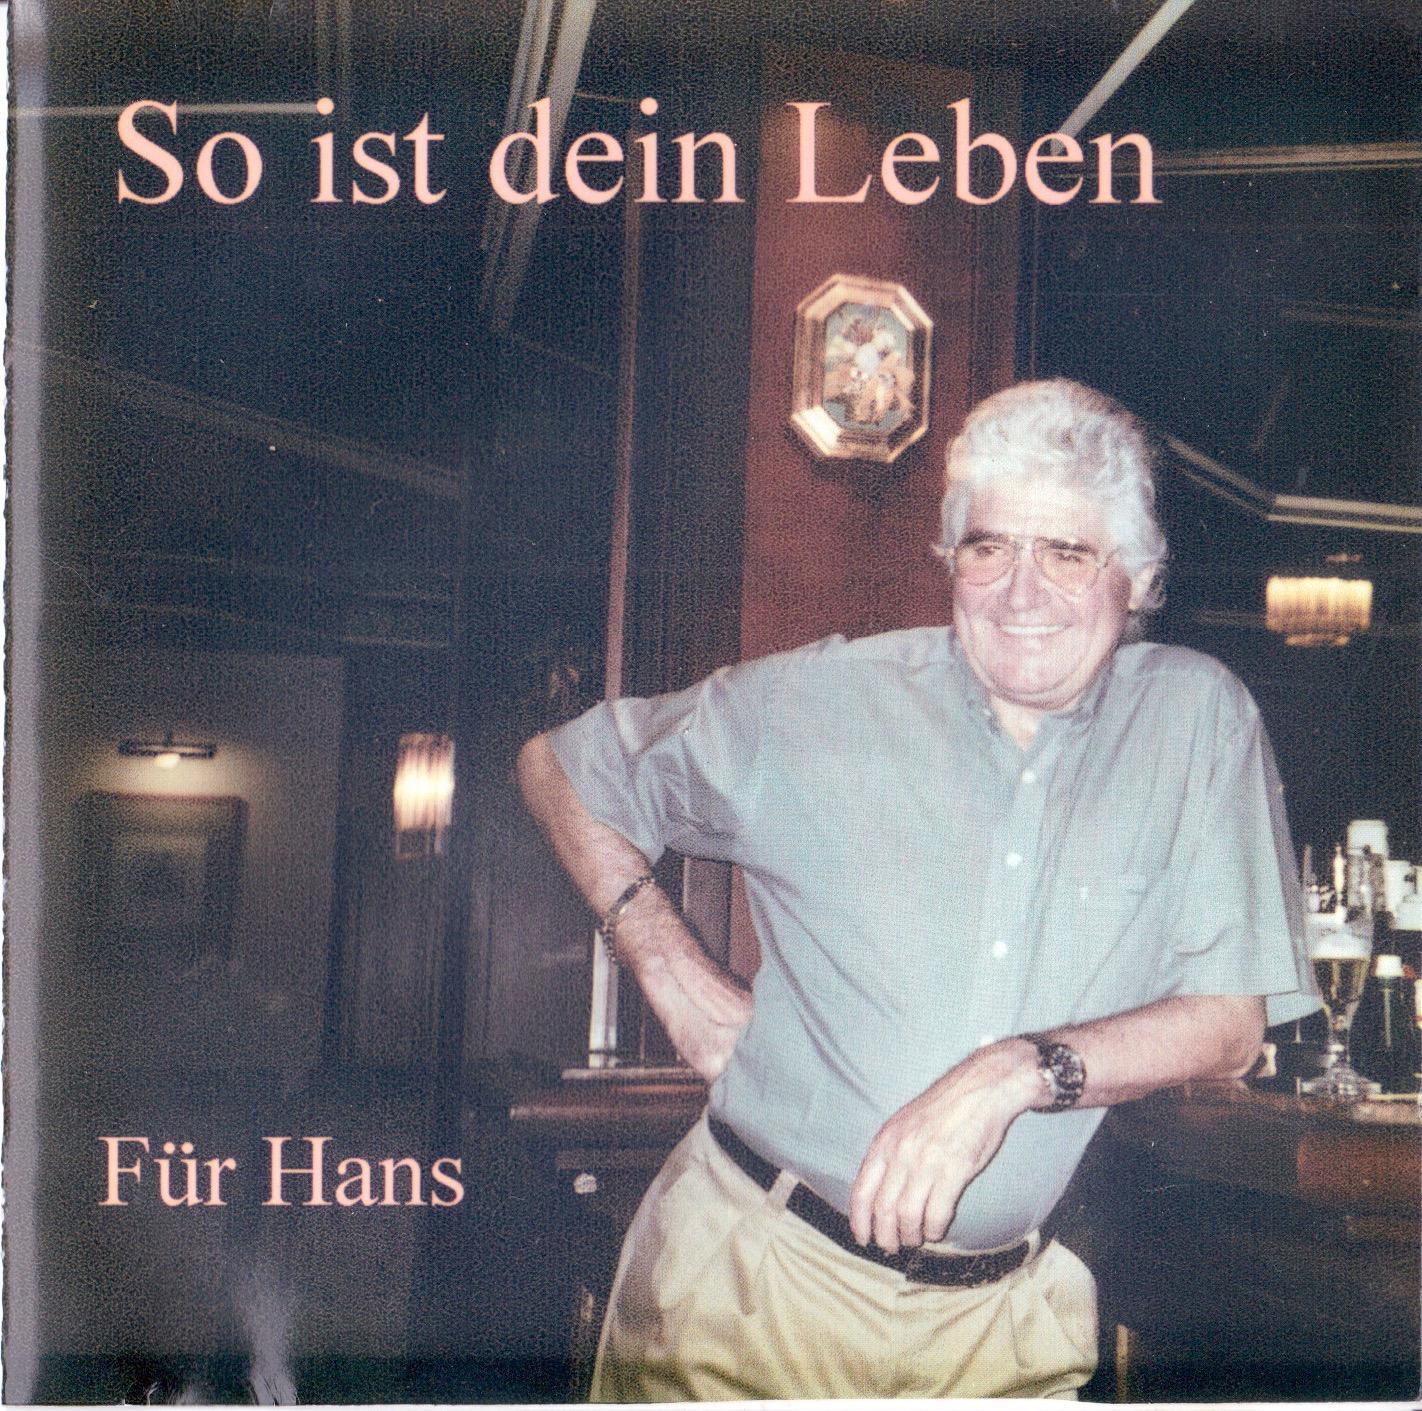 https://0501.nccdn.net/4_2/000/000/08a/992/So-ist-dein-Leben.jpg